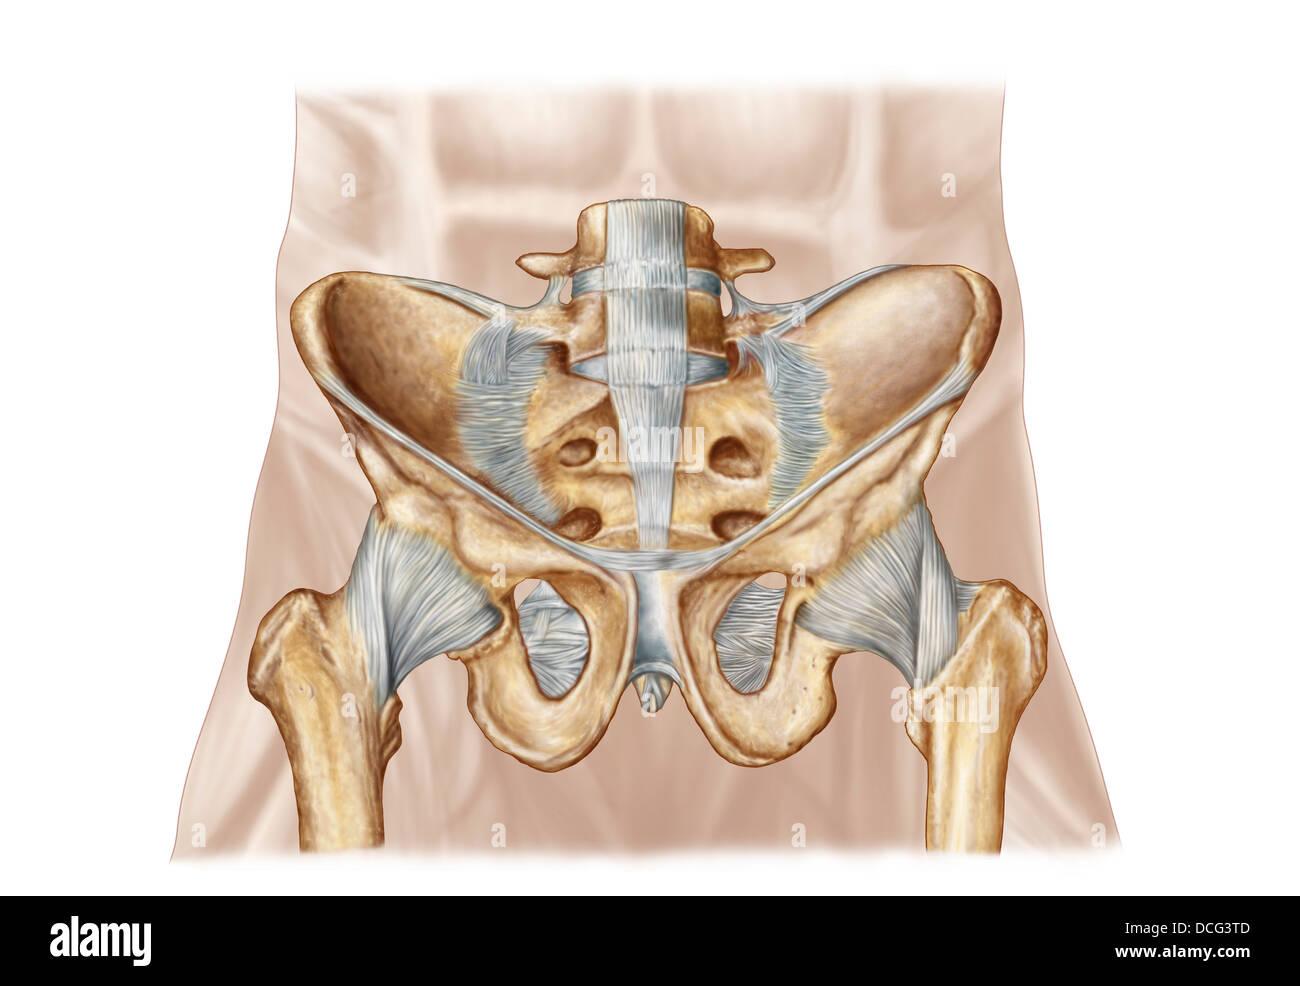 Anatomie der menschlichen Beckenknochen und Bänder Stockfoto, Bild ...